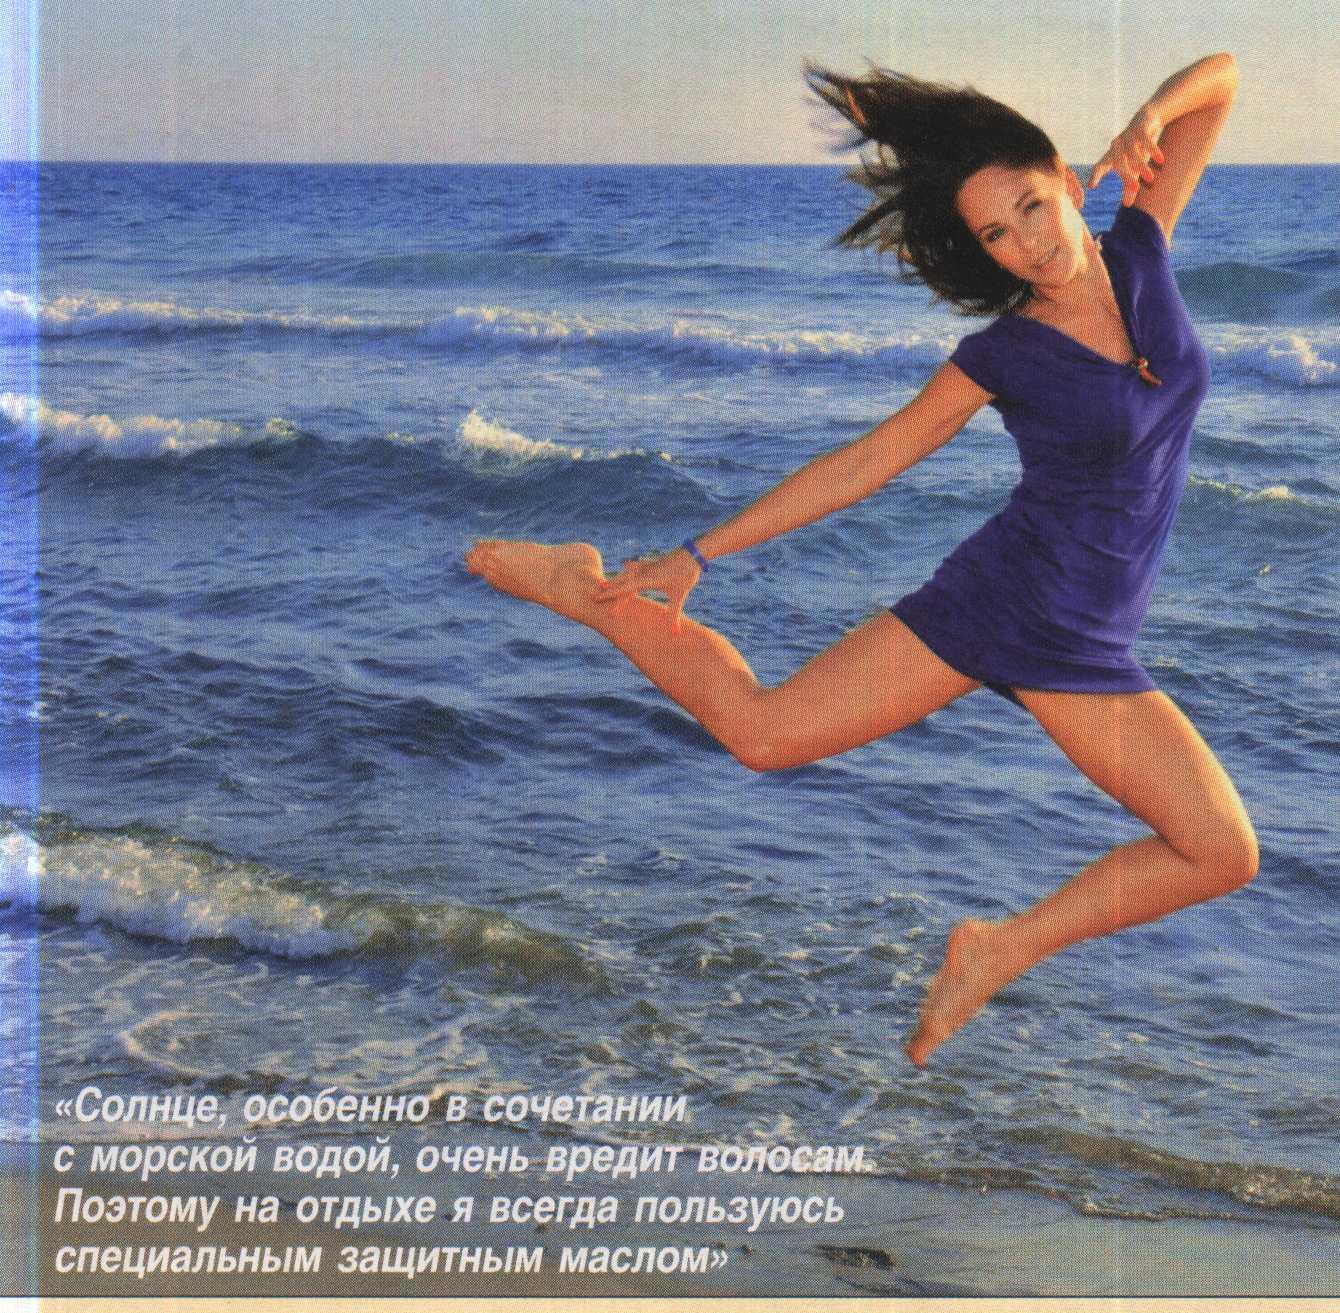 Ирина медведева пляж фото фото 289-134